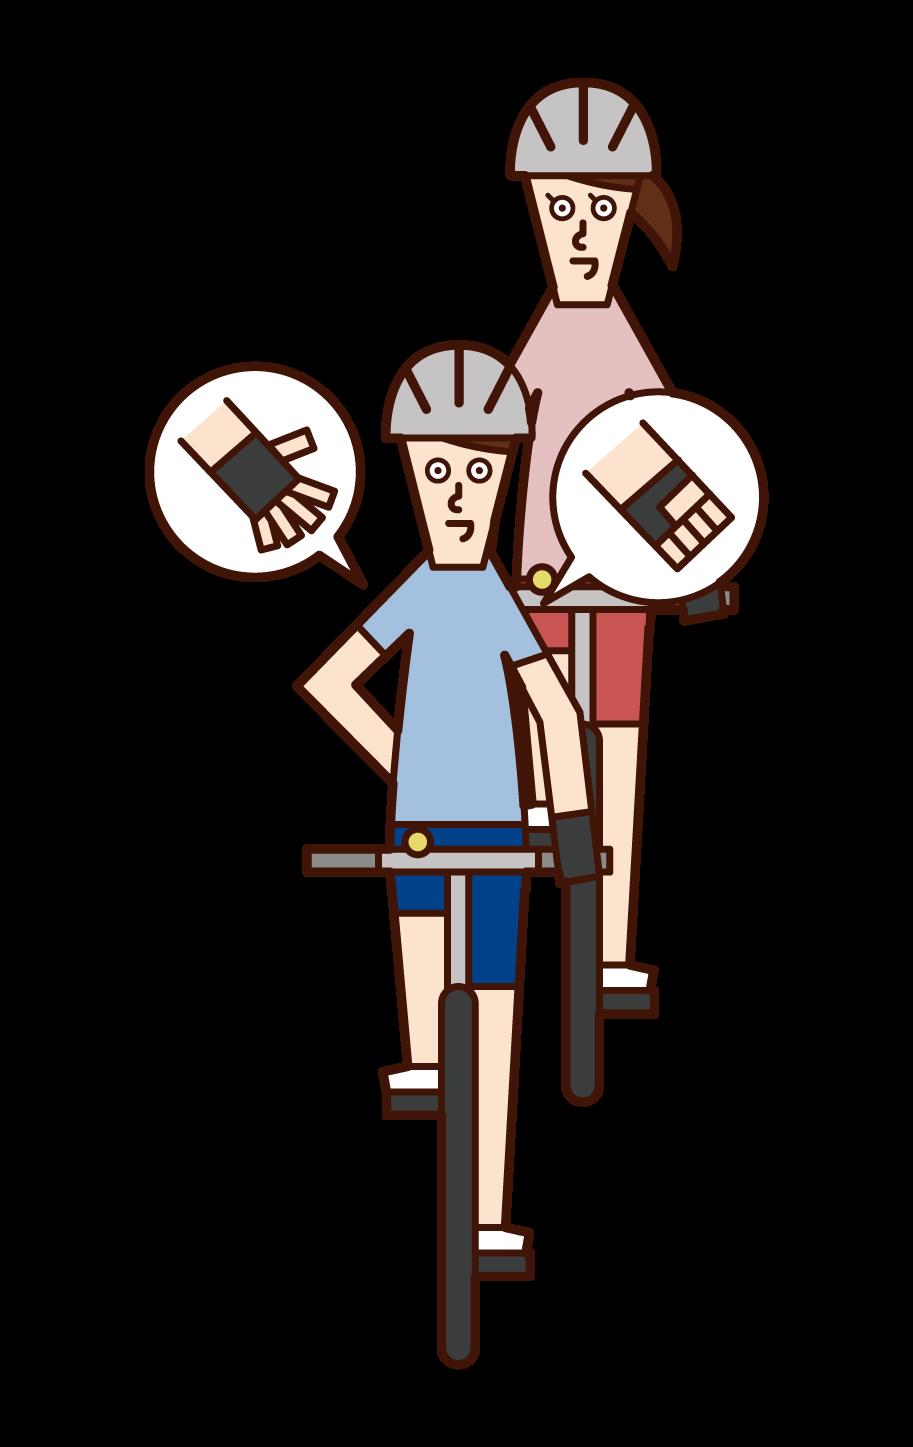 自行車手信號和速度下降(男性)的插圖